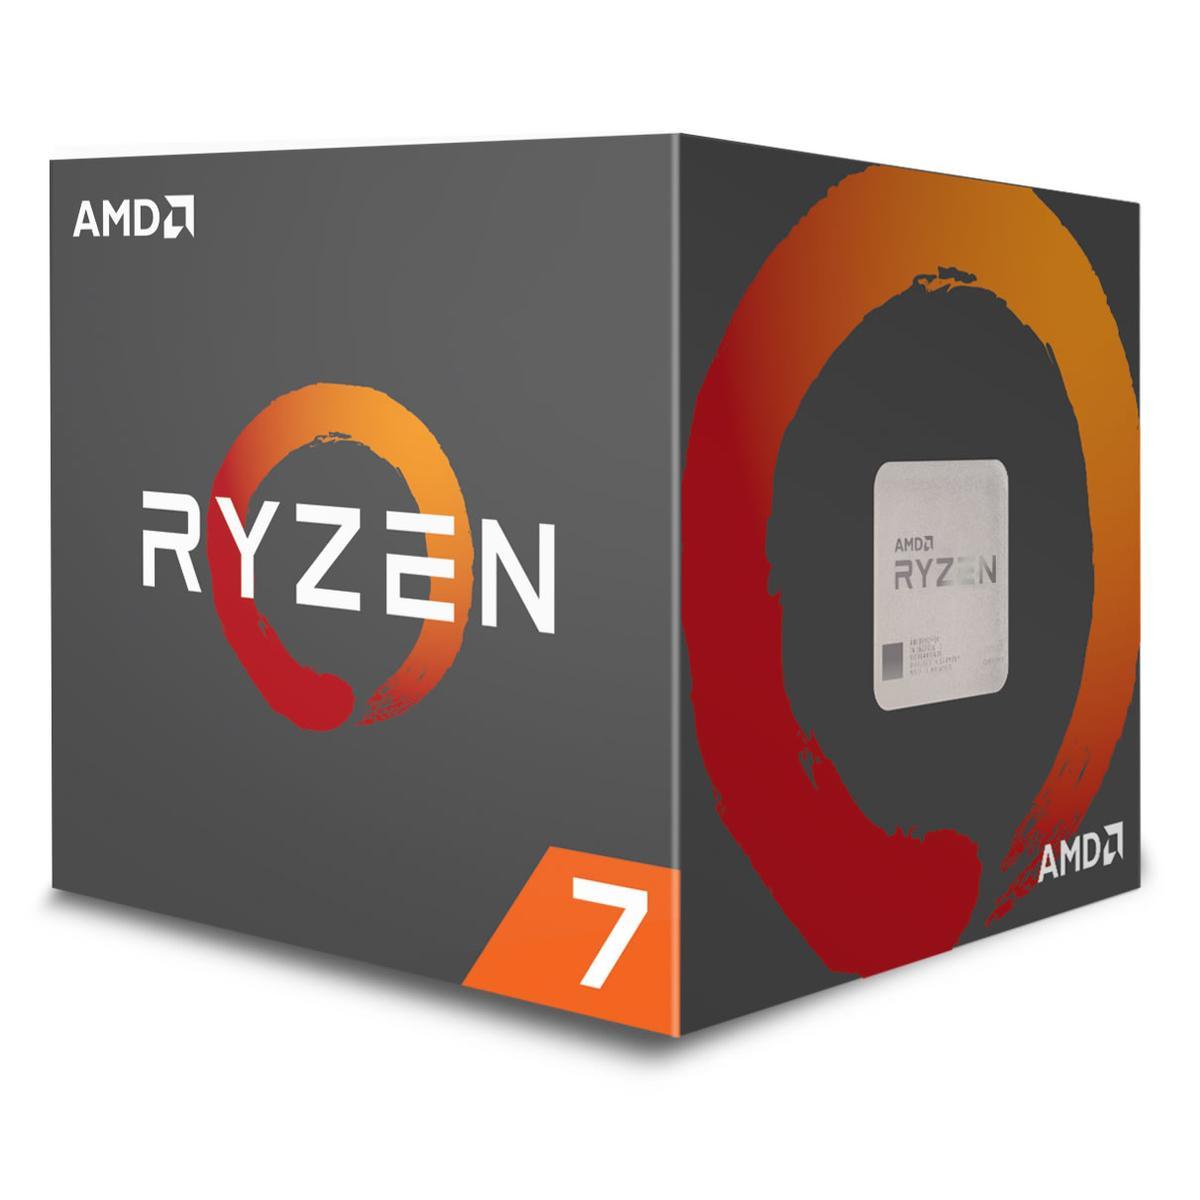 AMD Ryzen 7 2700 3.2GHz 8-Core